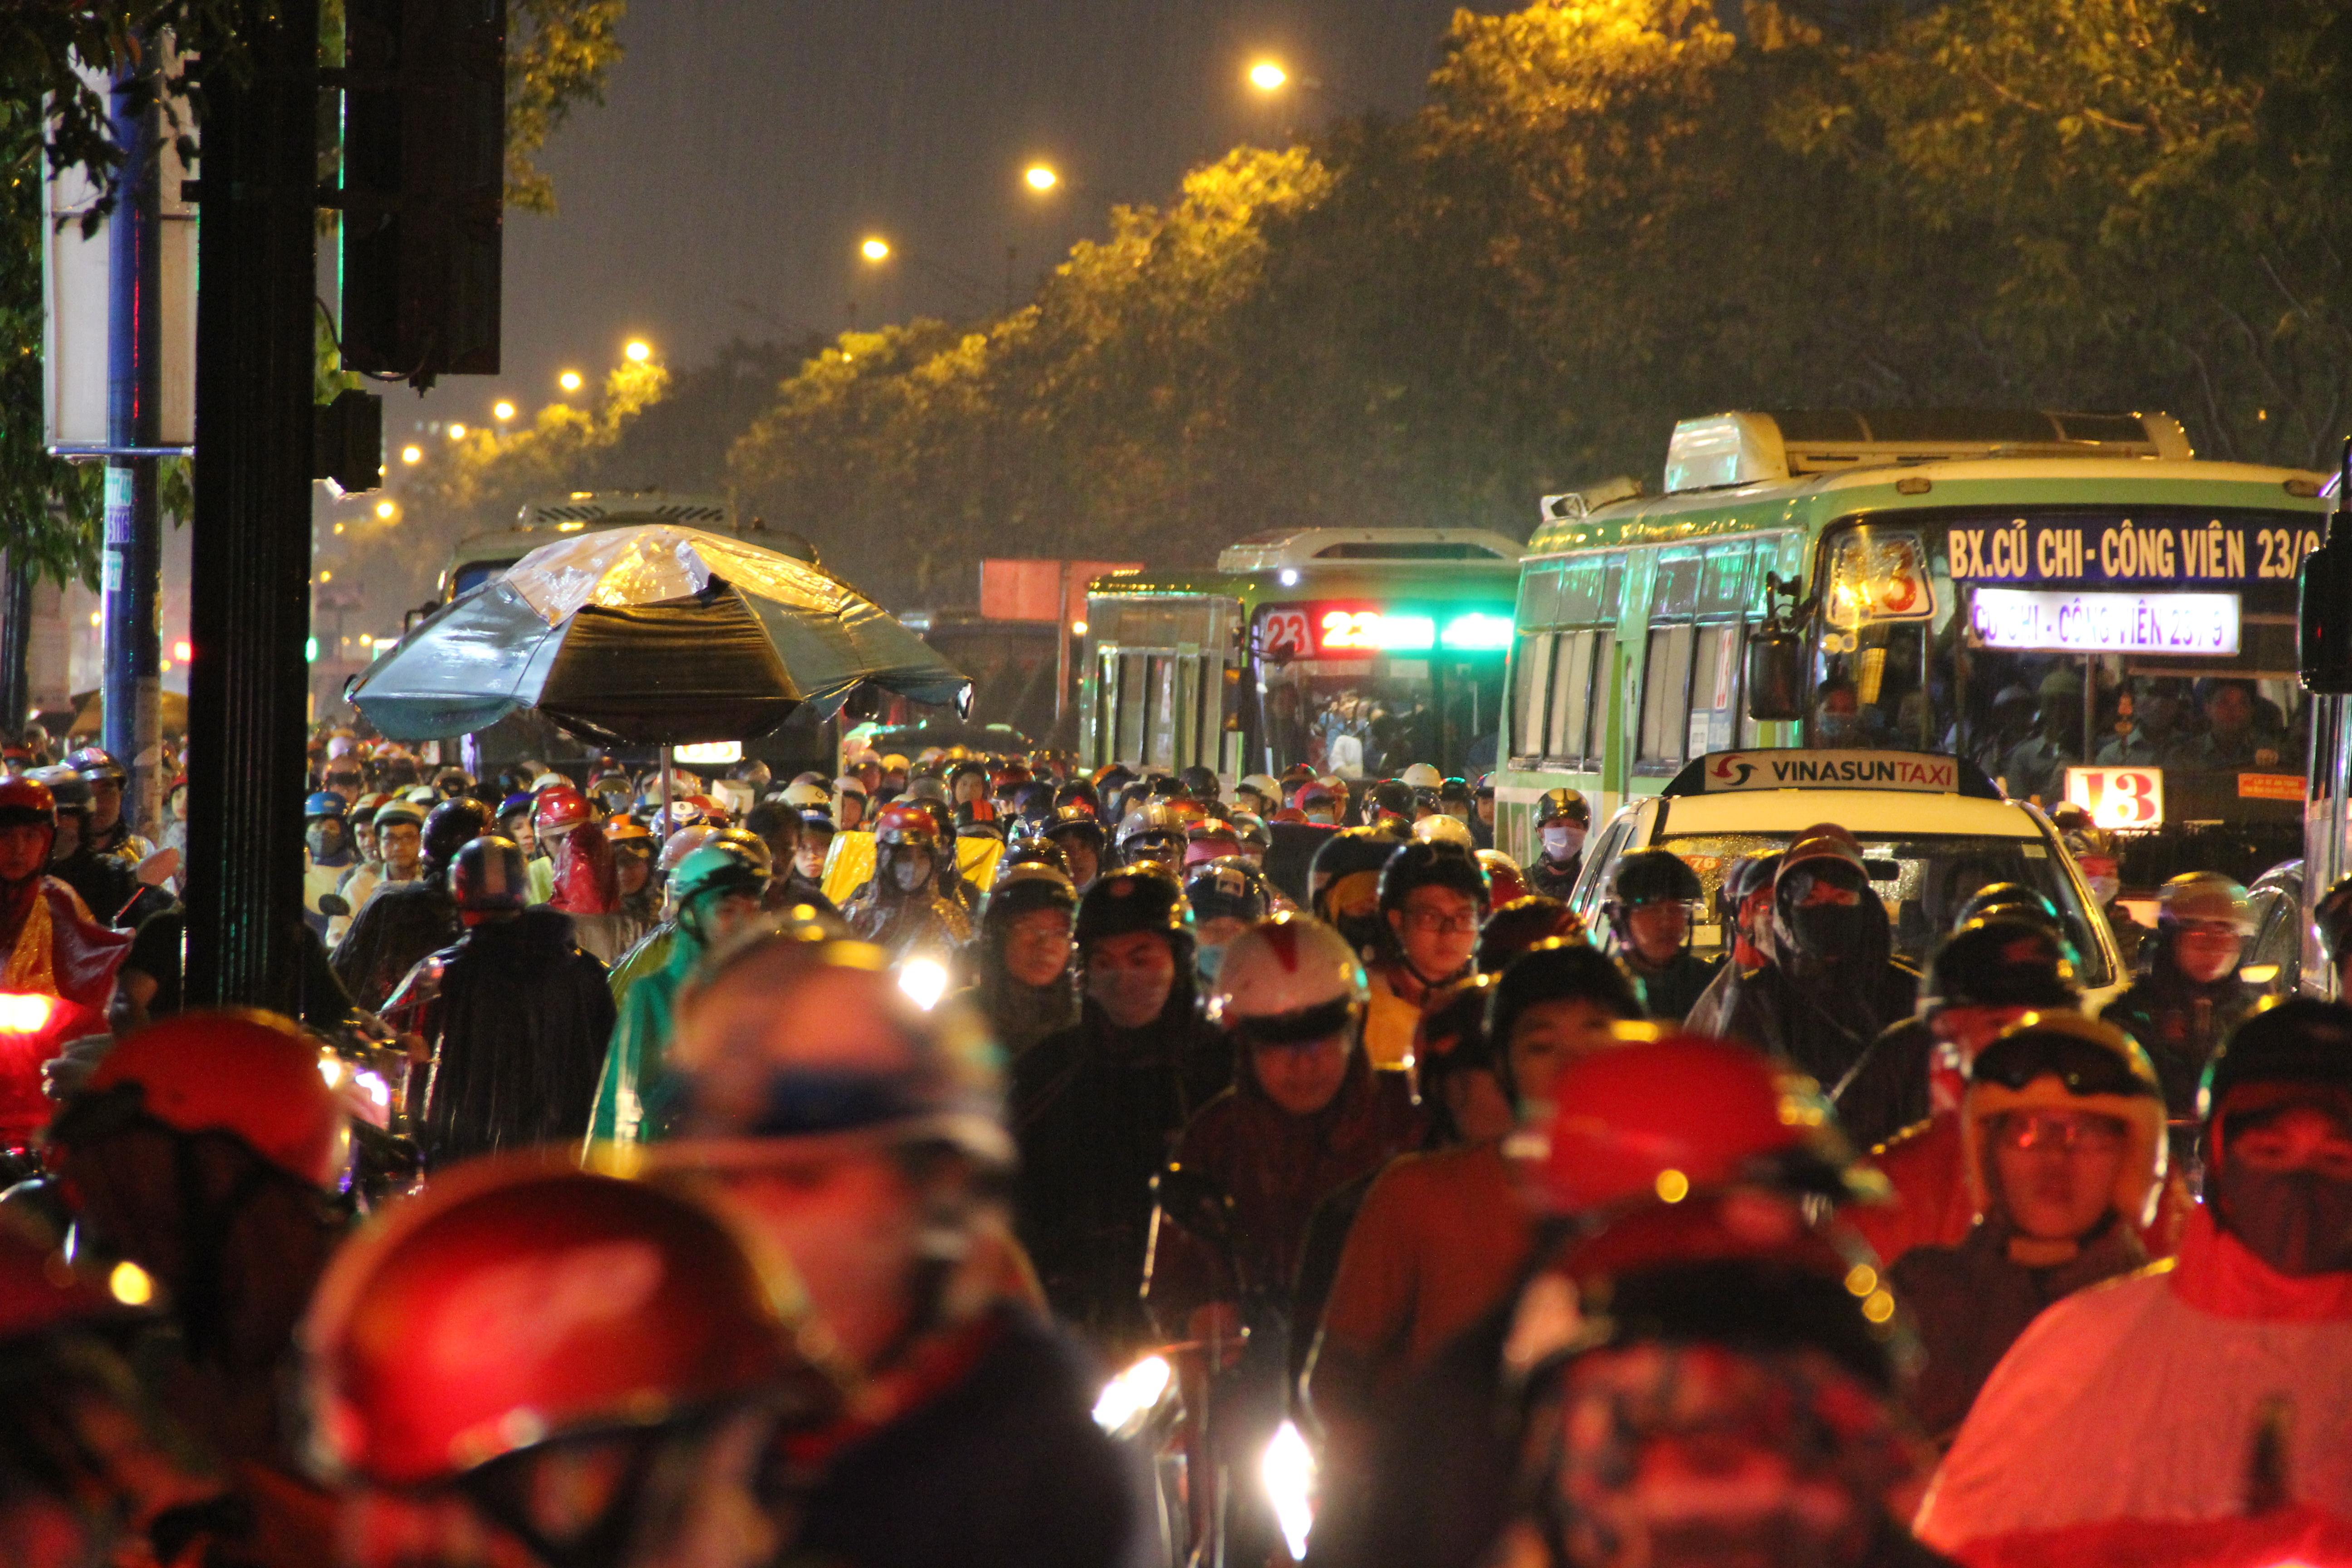 Sài Gòn ngập kinh hoàng, giao thông tê liệt sau cơn mưa lớn cuối ngày Ảnh 12